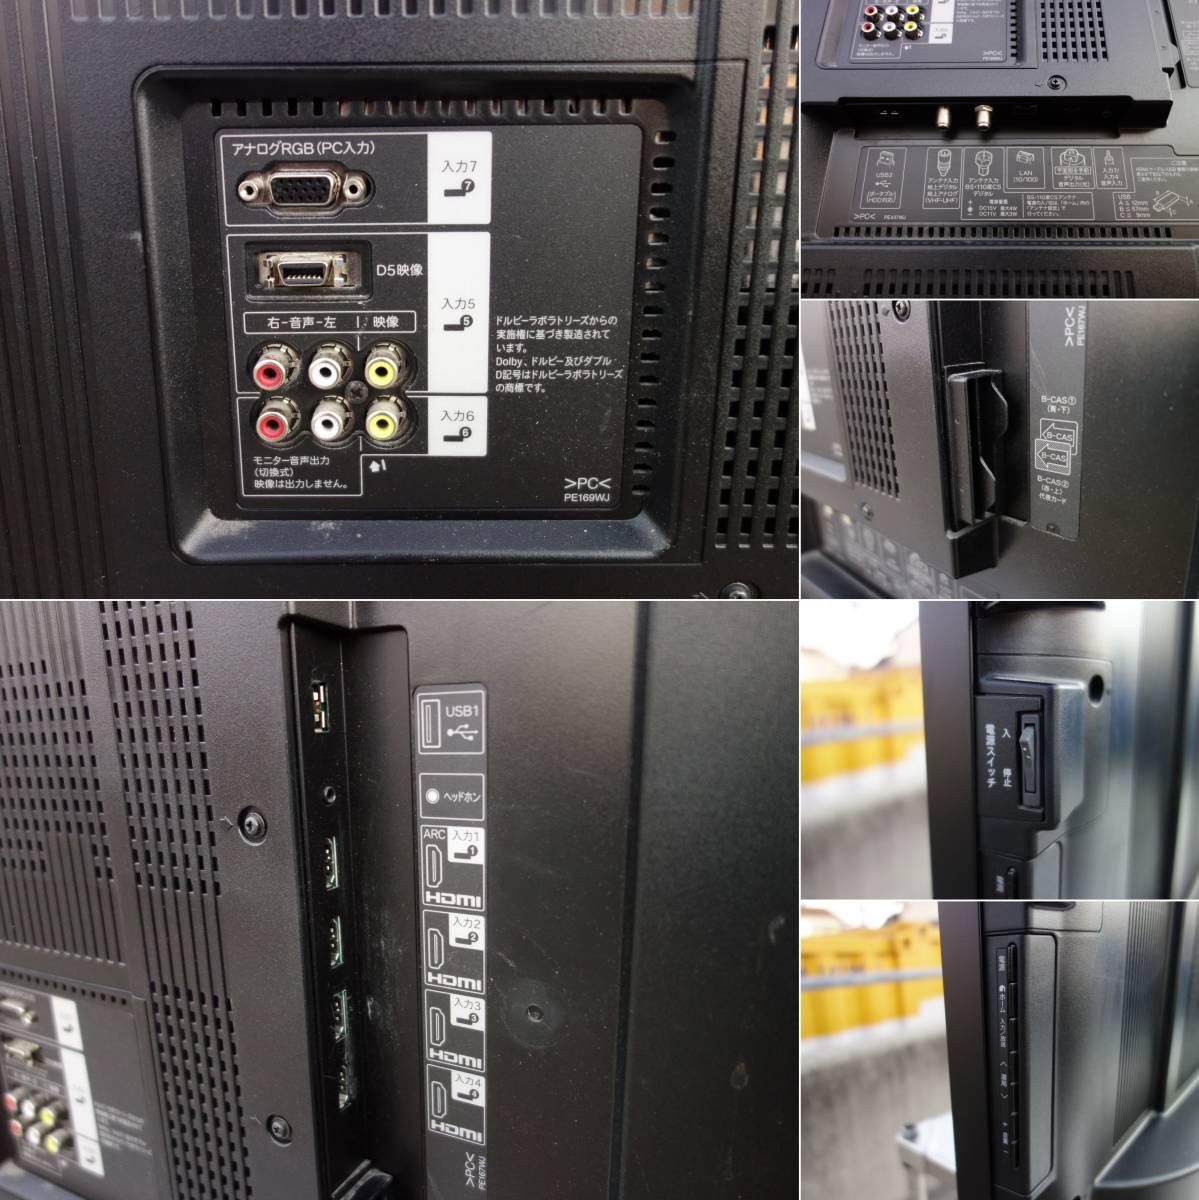 【中古】M▽シャープ 液晶テレビ 2012年 70インチ AQUOS アクオス クアトロン 外付けHDD対応 LC-70X5 (19853)_画像7